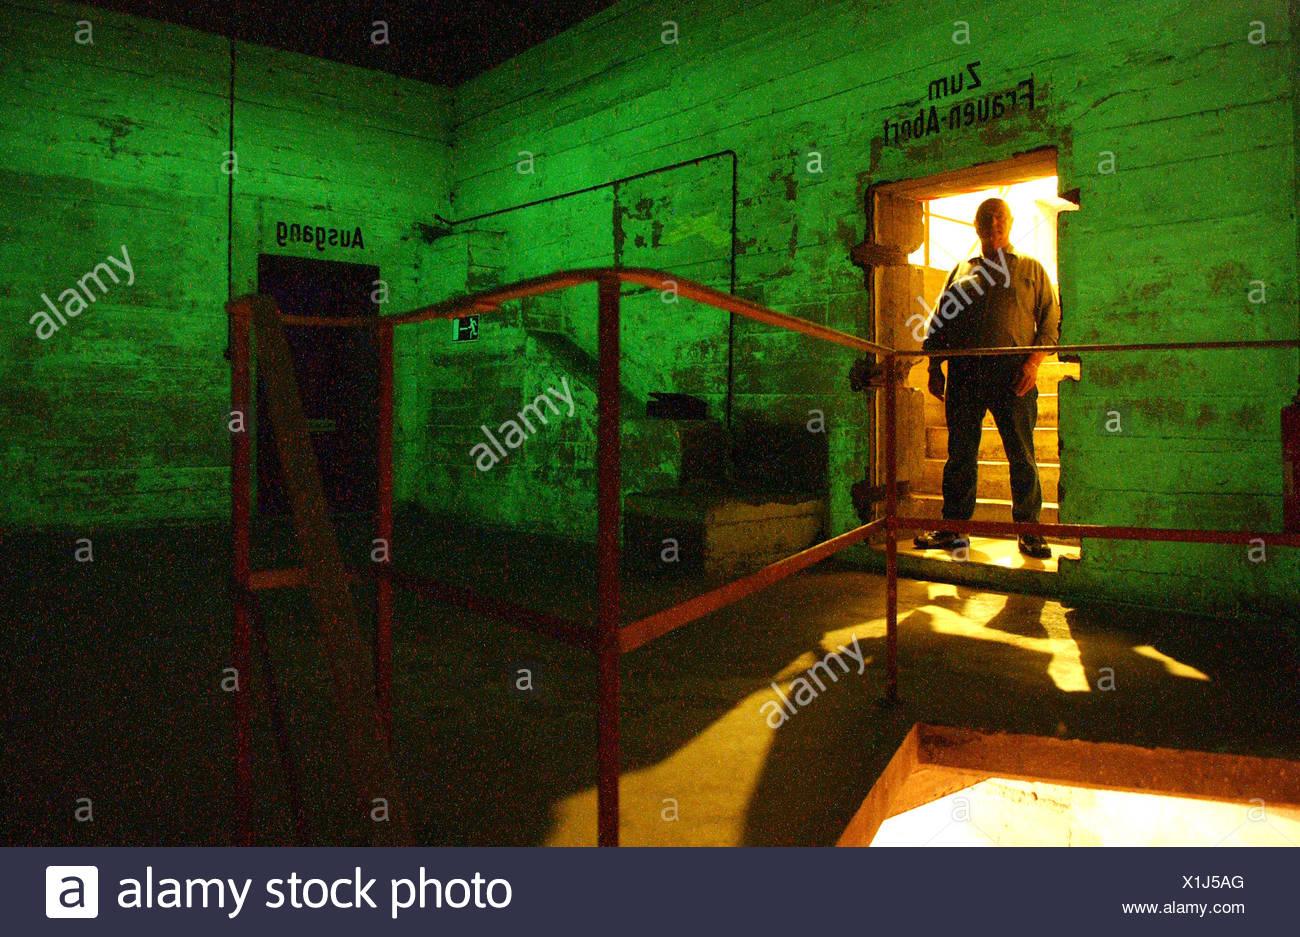 Berlin Underworlds e.V., Gesundbrunnen bunker - Stock Image